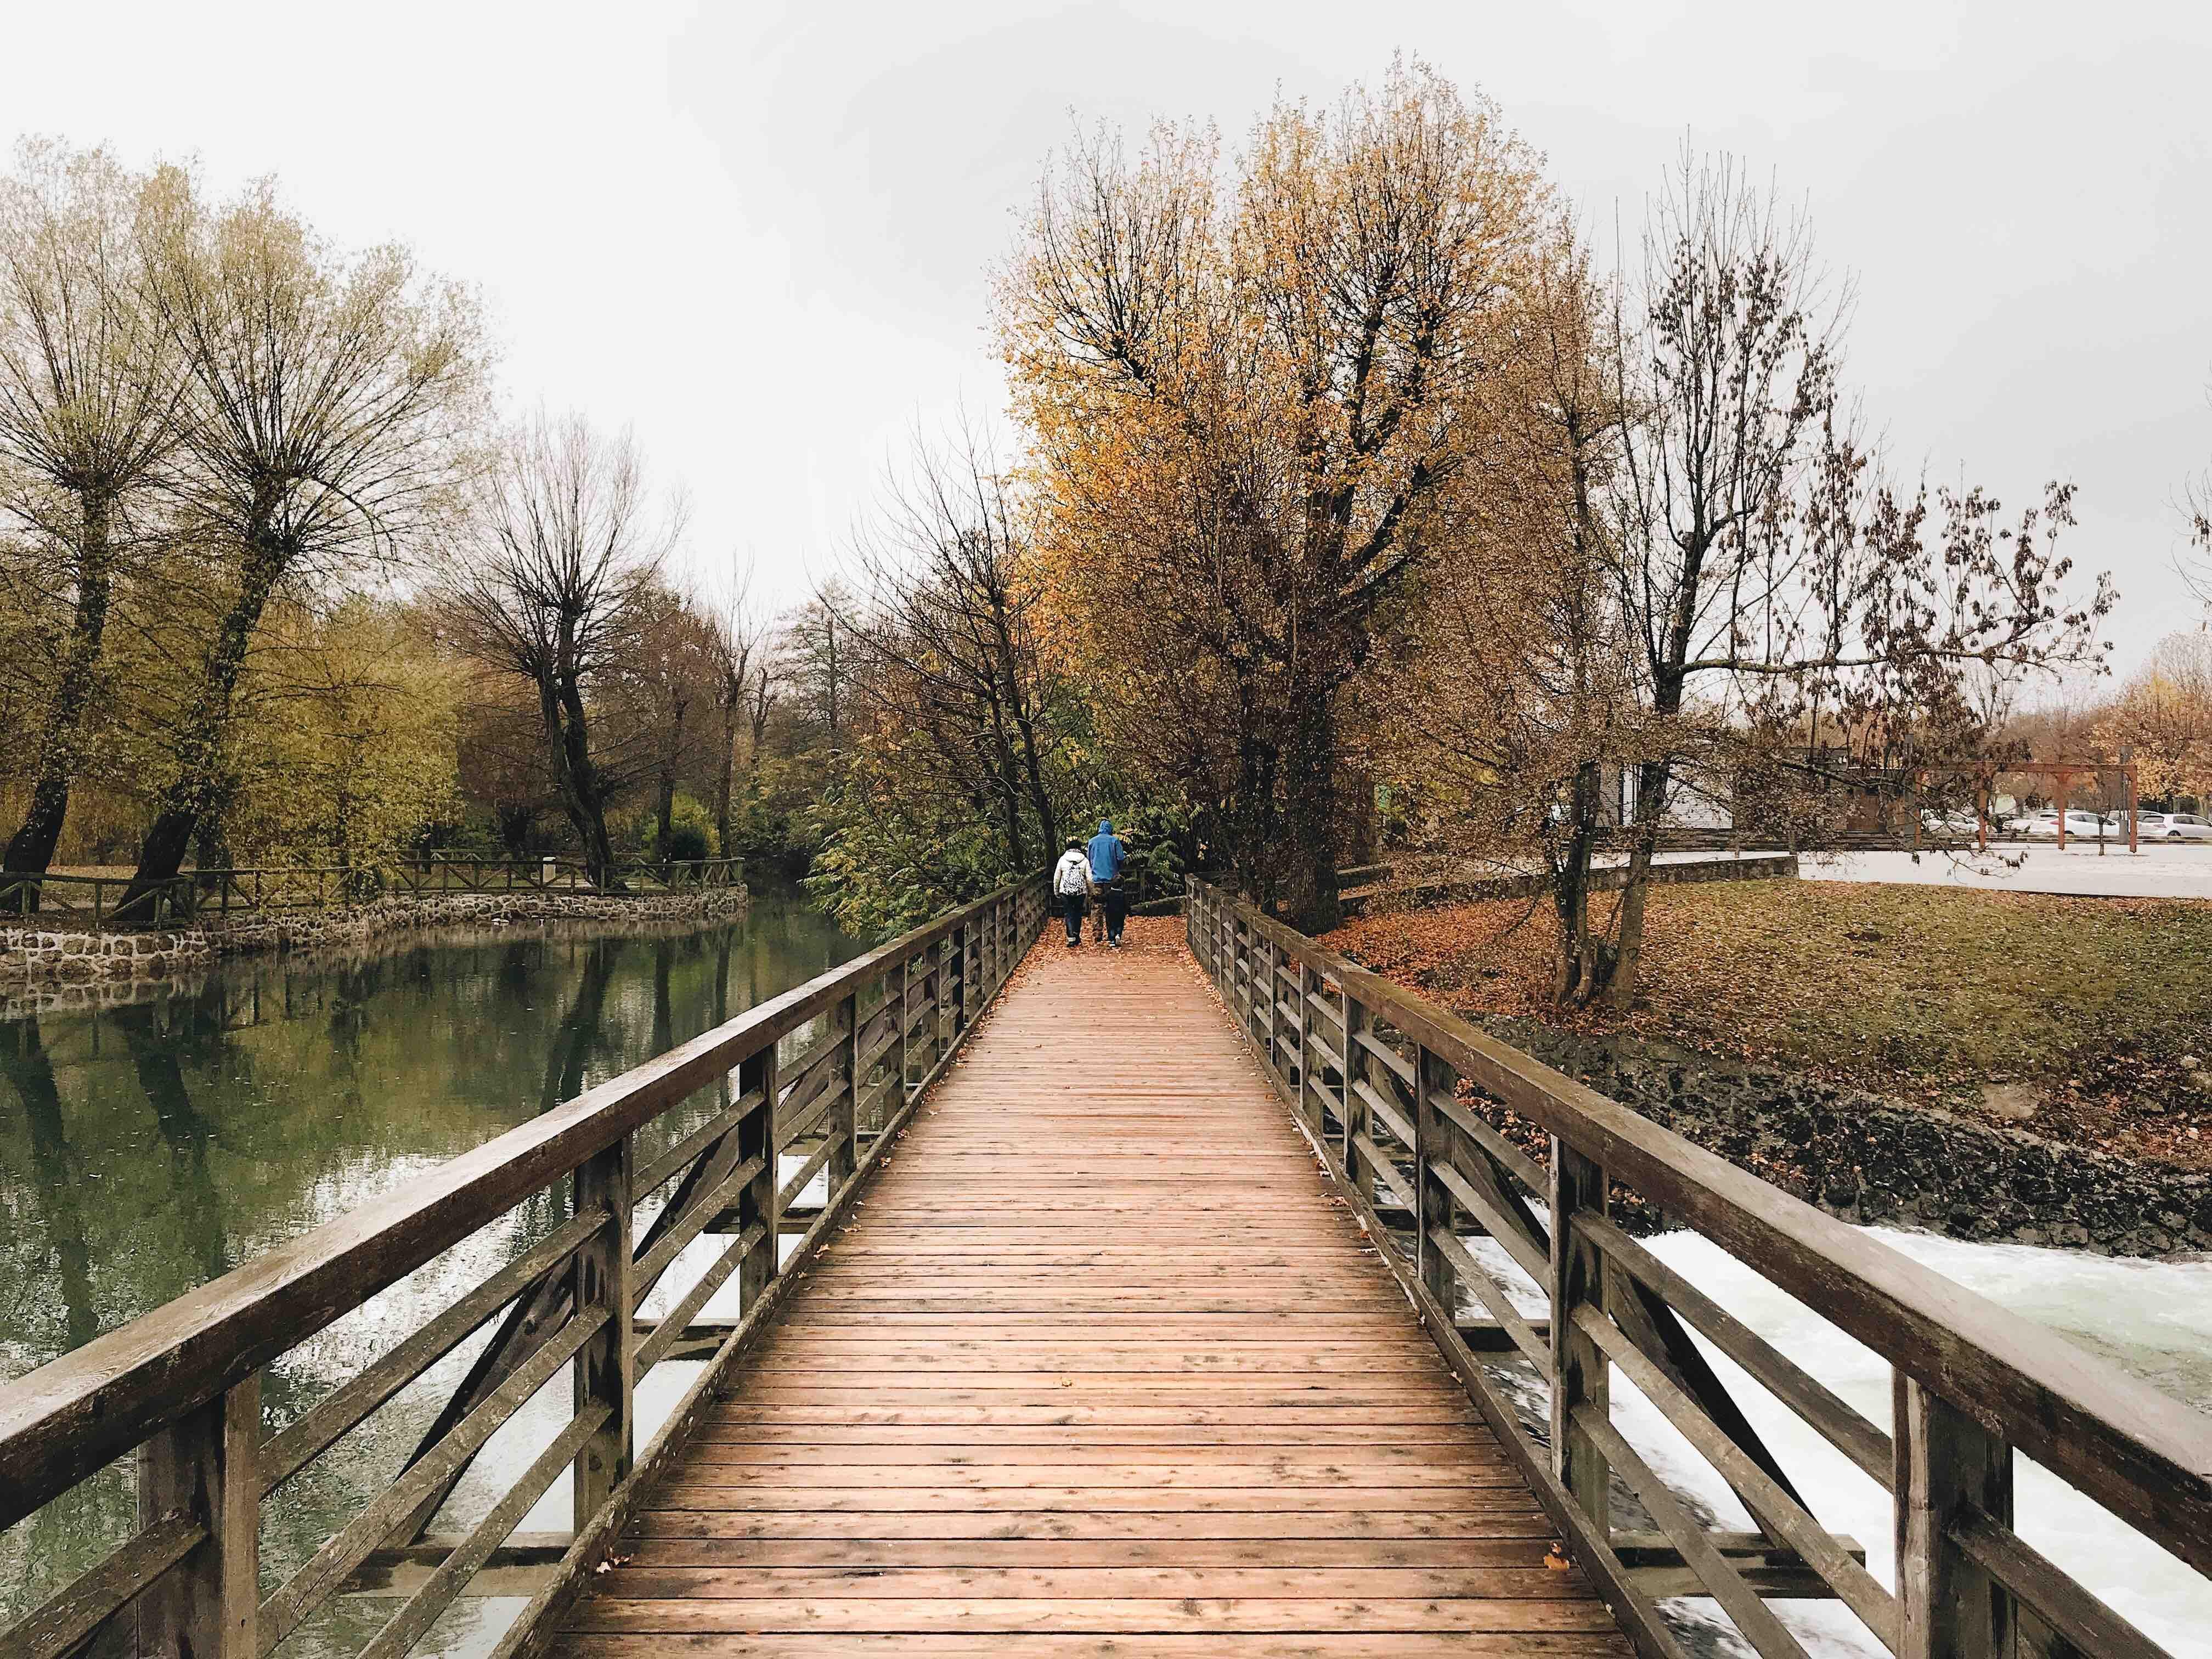 Le grotte di Postumia: ponte sul fiume